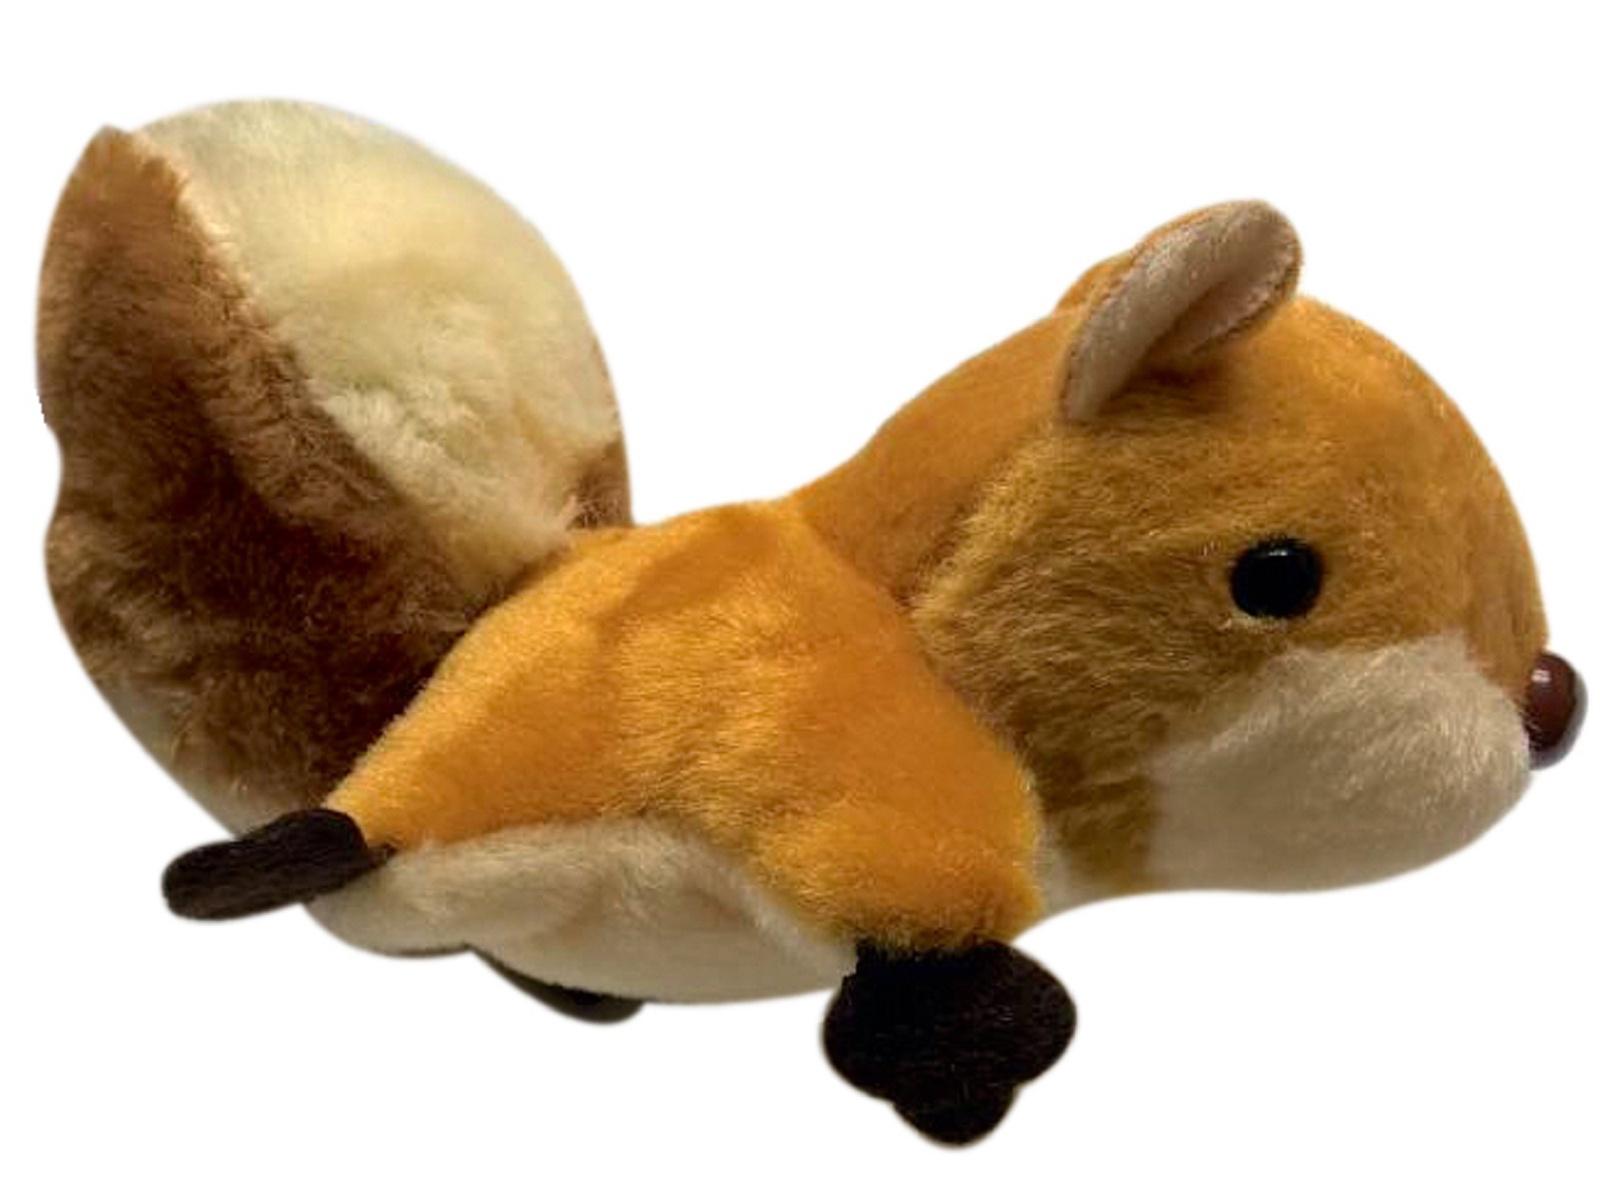 АБВГДЕЙКА Мягкая игрушка Белка, 15 см nici мягкая игрушка айюми улыбка